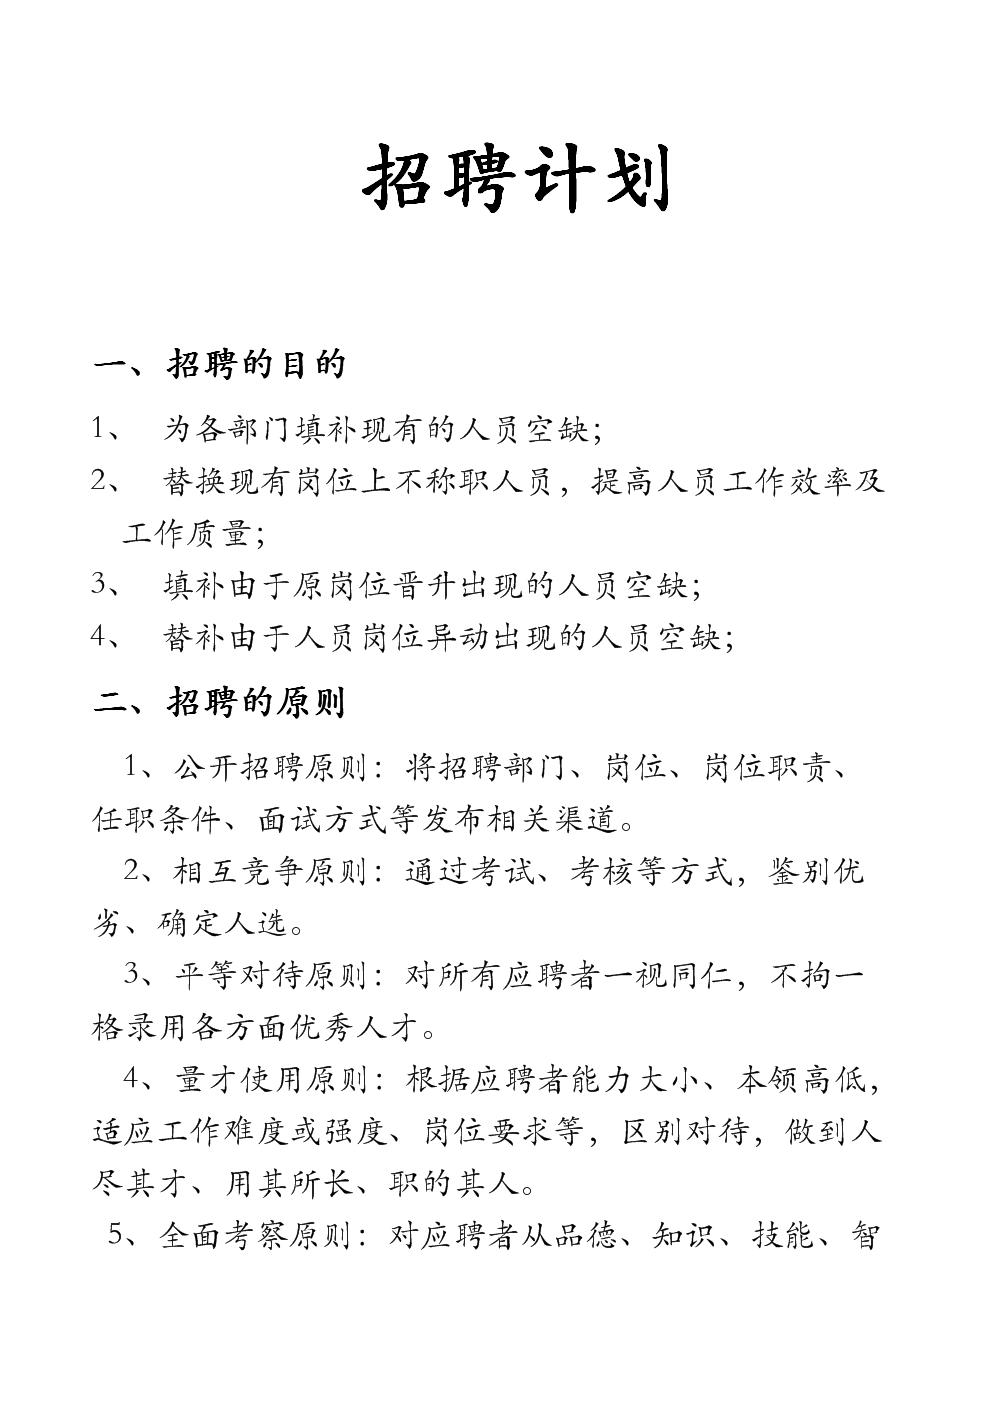 招聘员工计划.doc